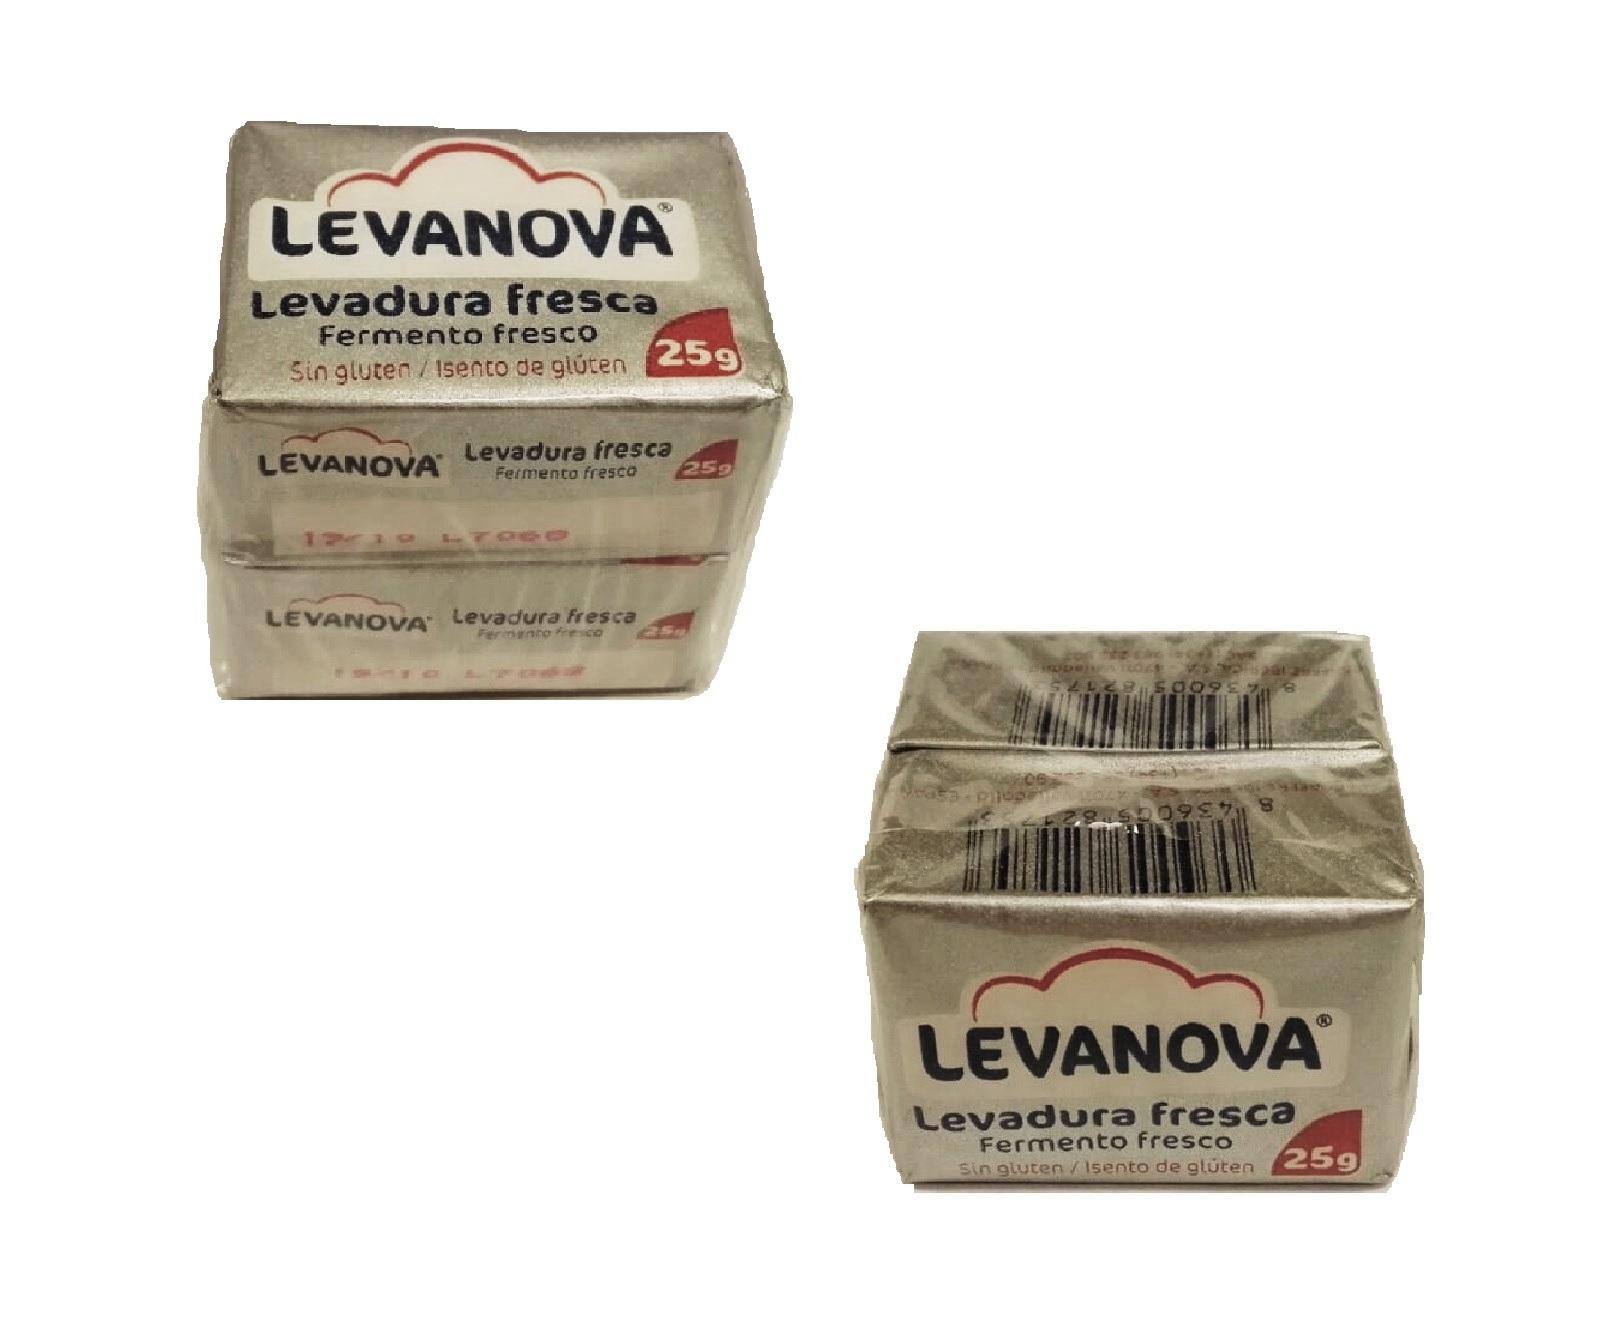 Levadura fresca Levanova sin gluten pack de 2 sobres de 25 g.  -